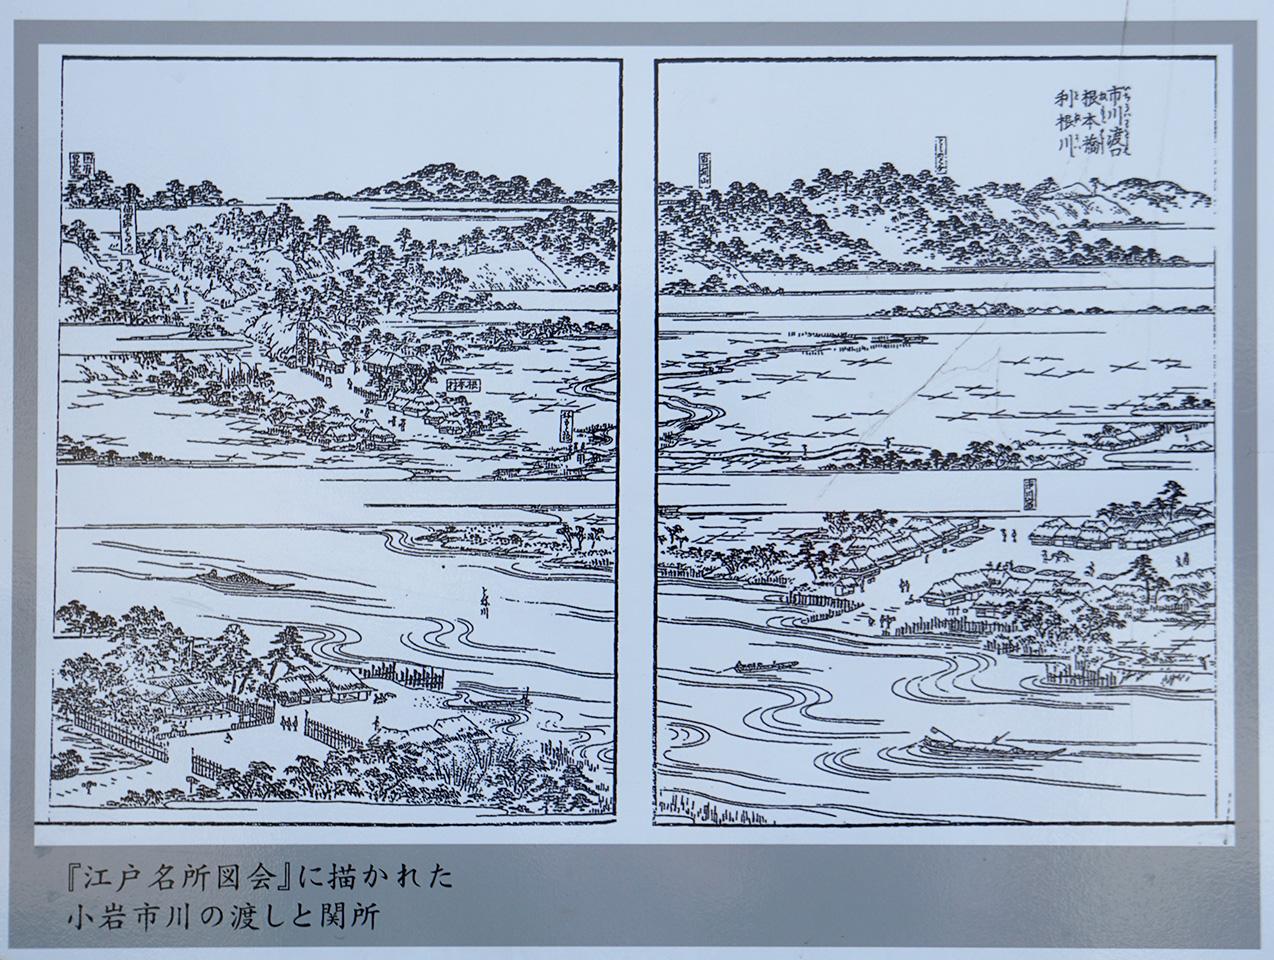 画像 江戸名所図会 小岩市川の渡しと関所